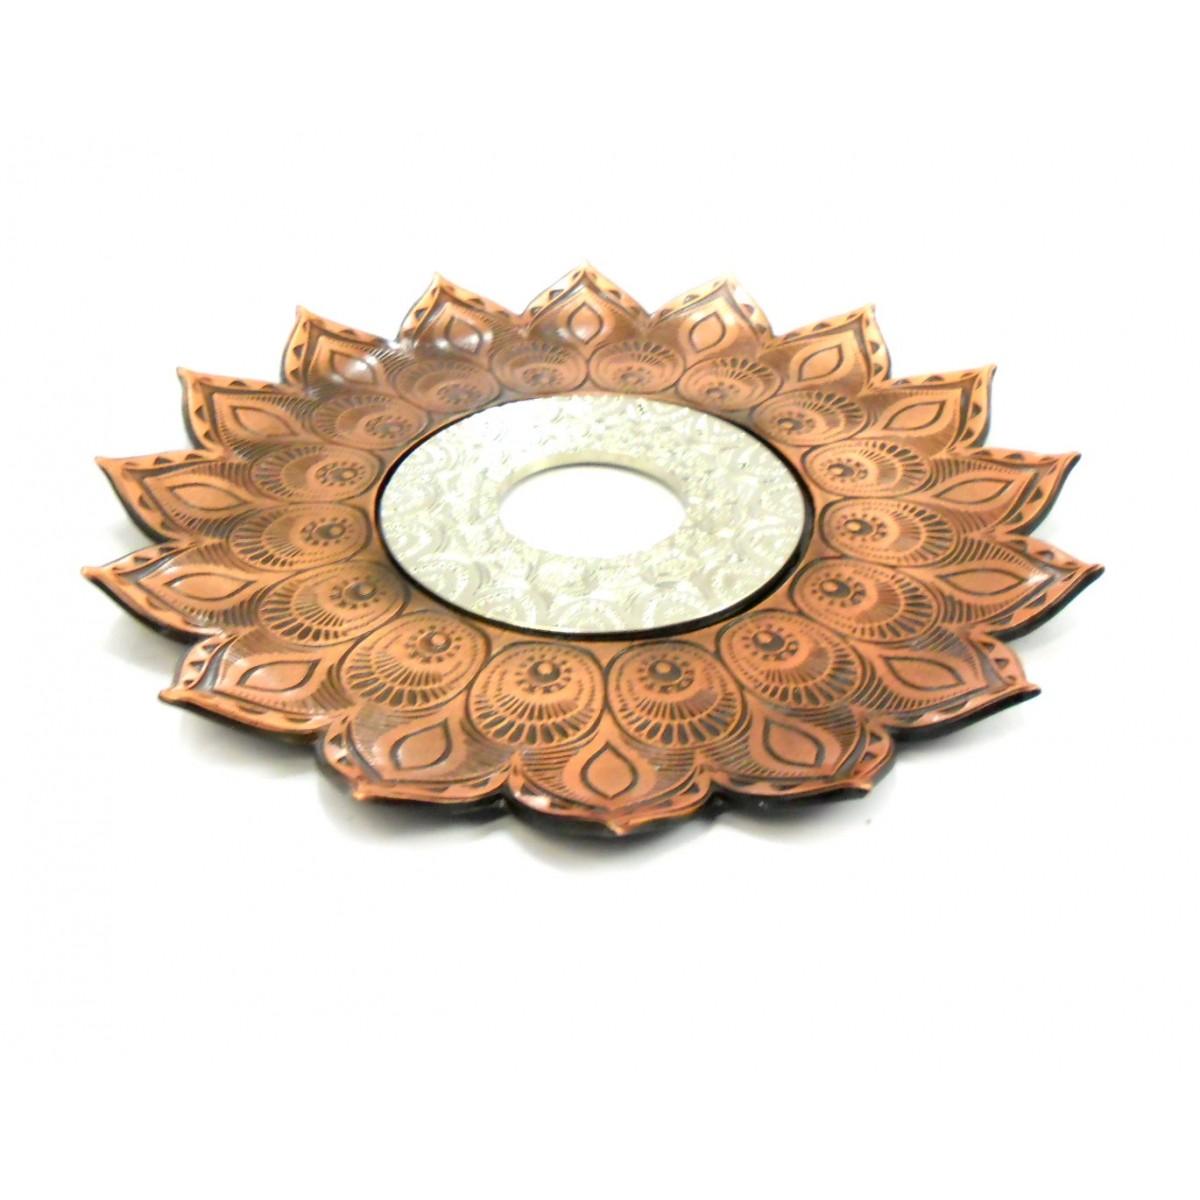 Prato para narguile Pérsia 21cm em inox pintado, decorado flor de lótus. Cor COBRE centro PRATEADO.